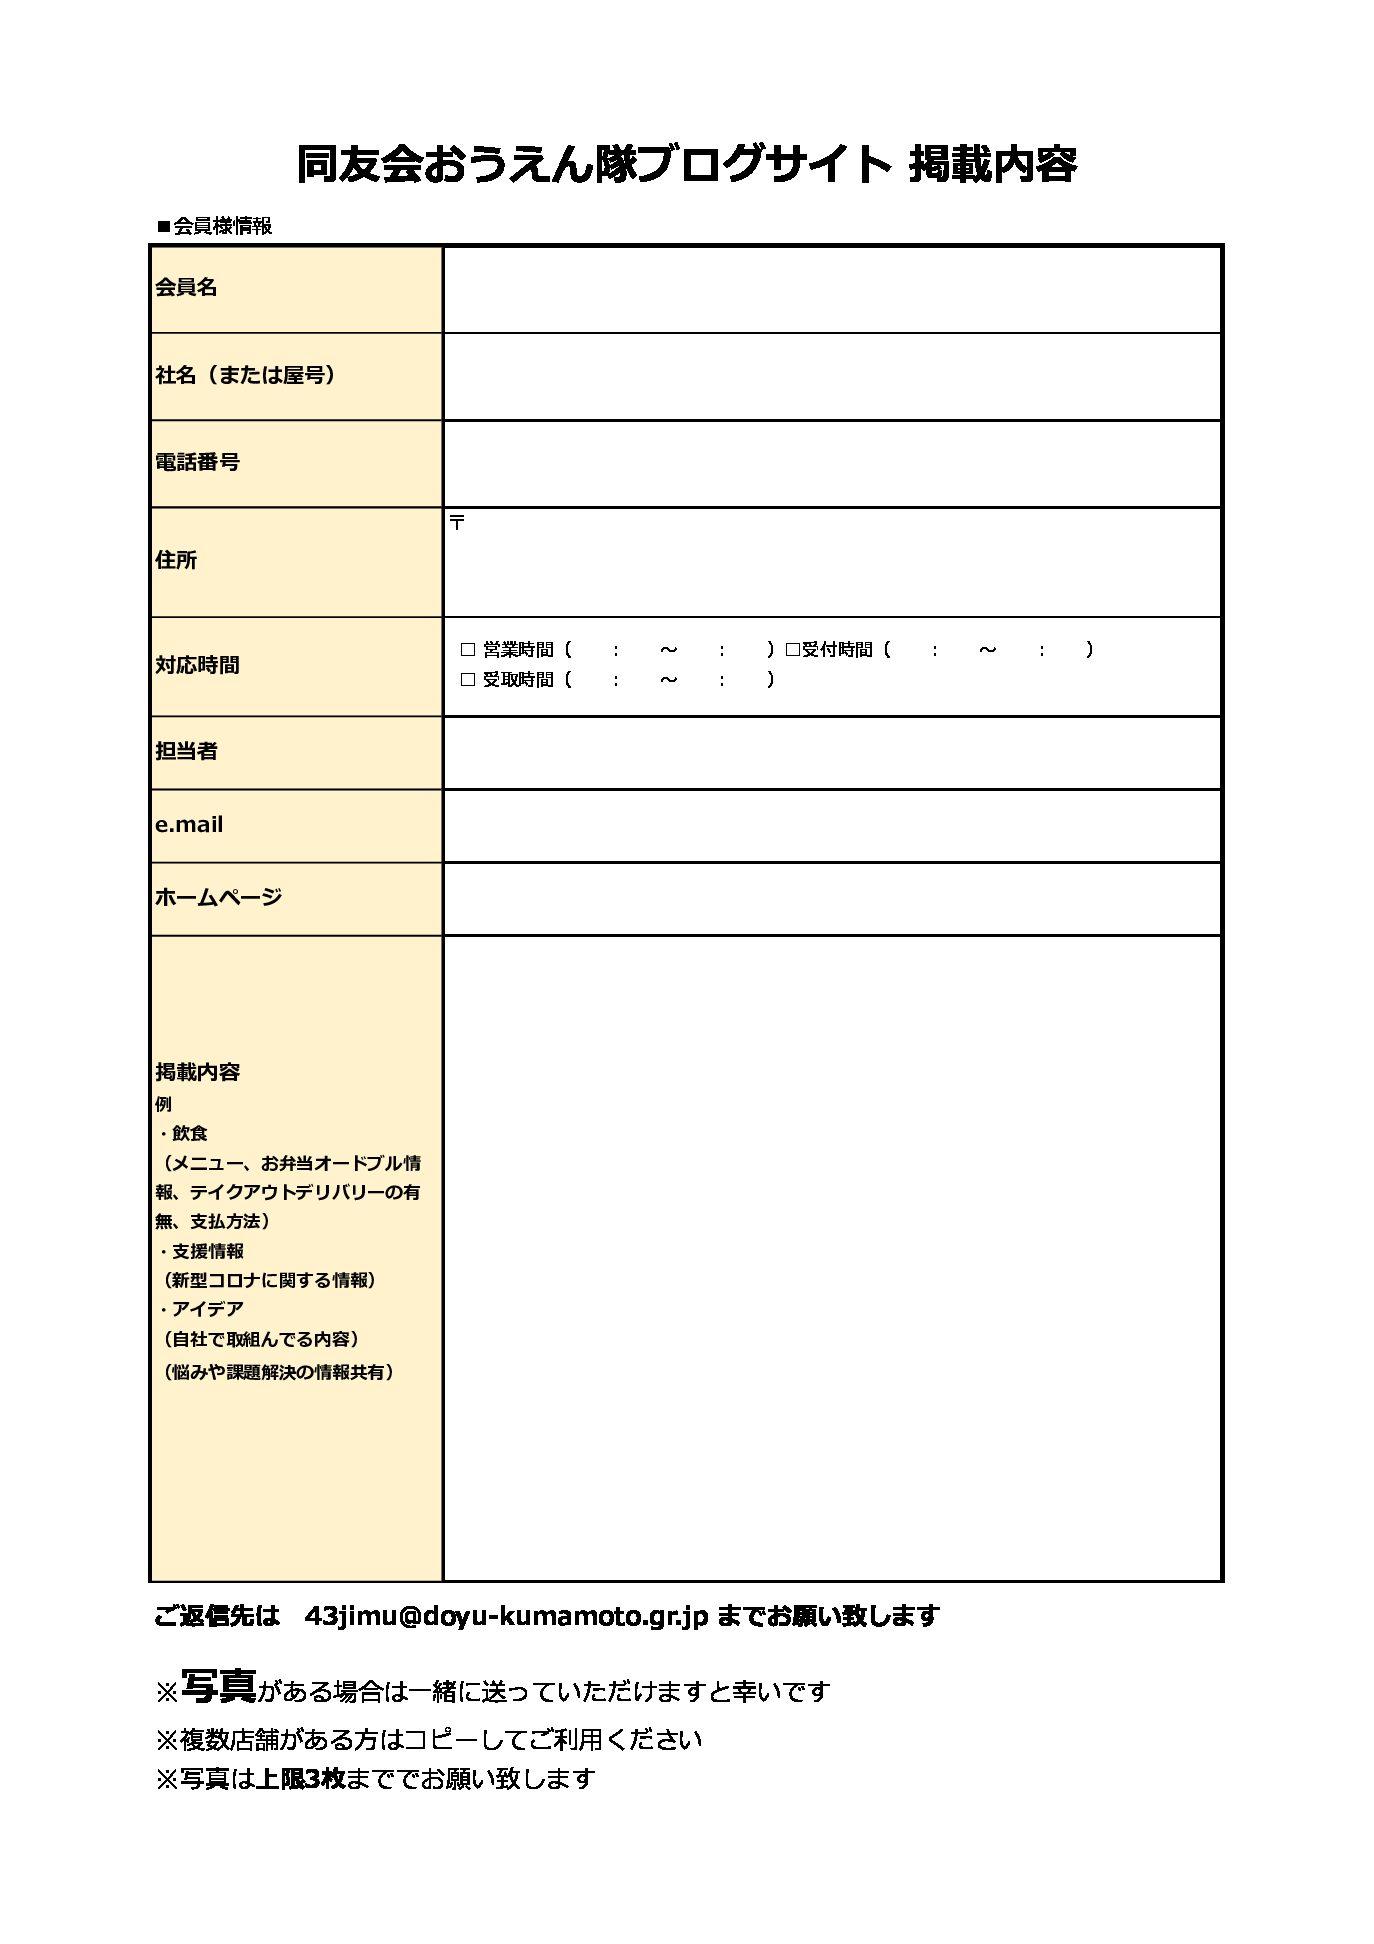 【お知らせ】同友会おうえん隊 掲載フォーマット